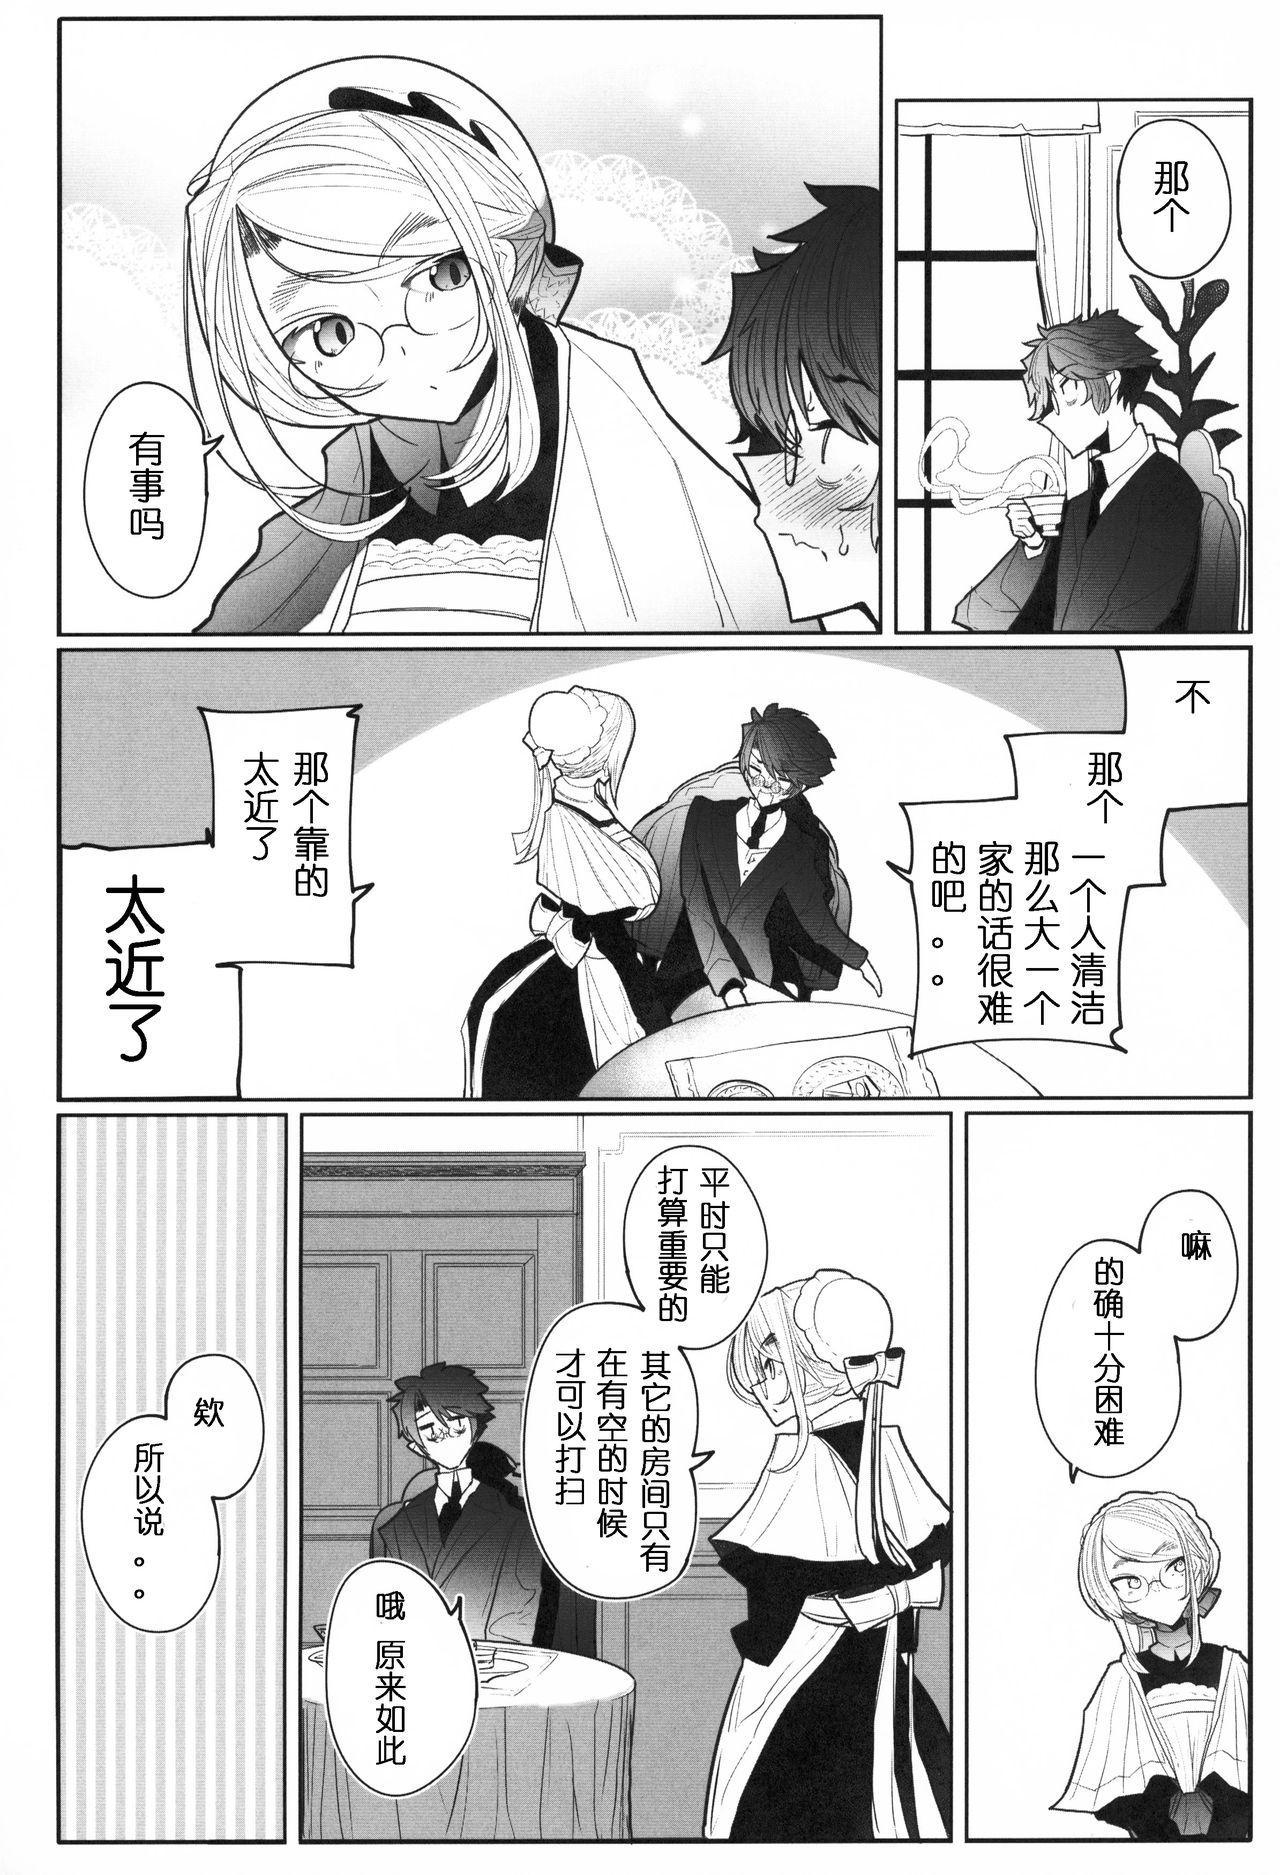 Shinshi Tsuki Maid no Sophie-san 3 6